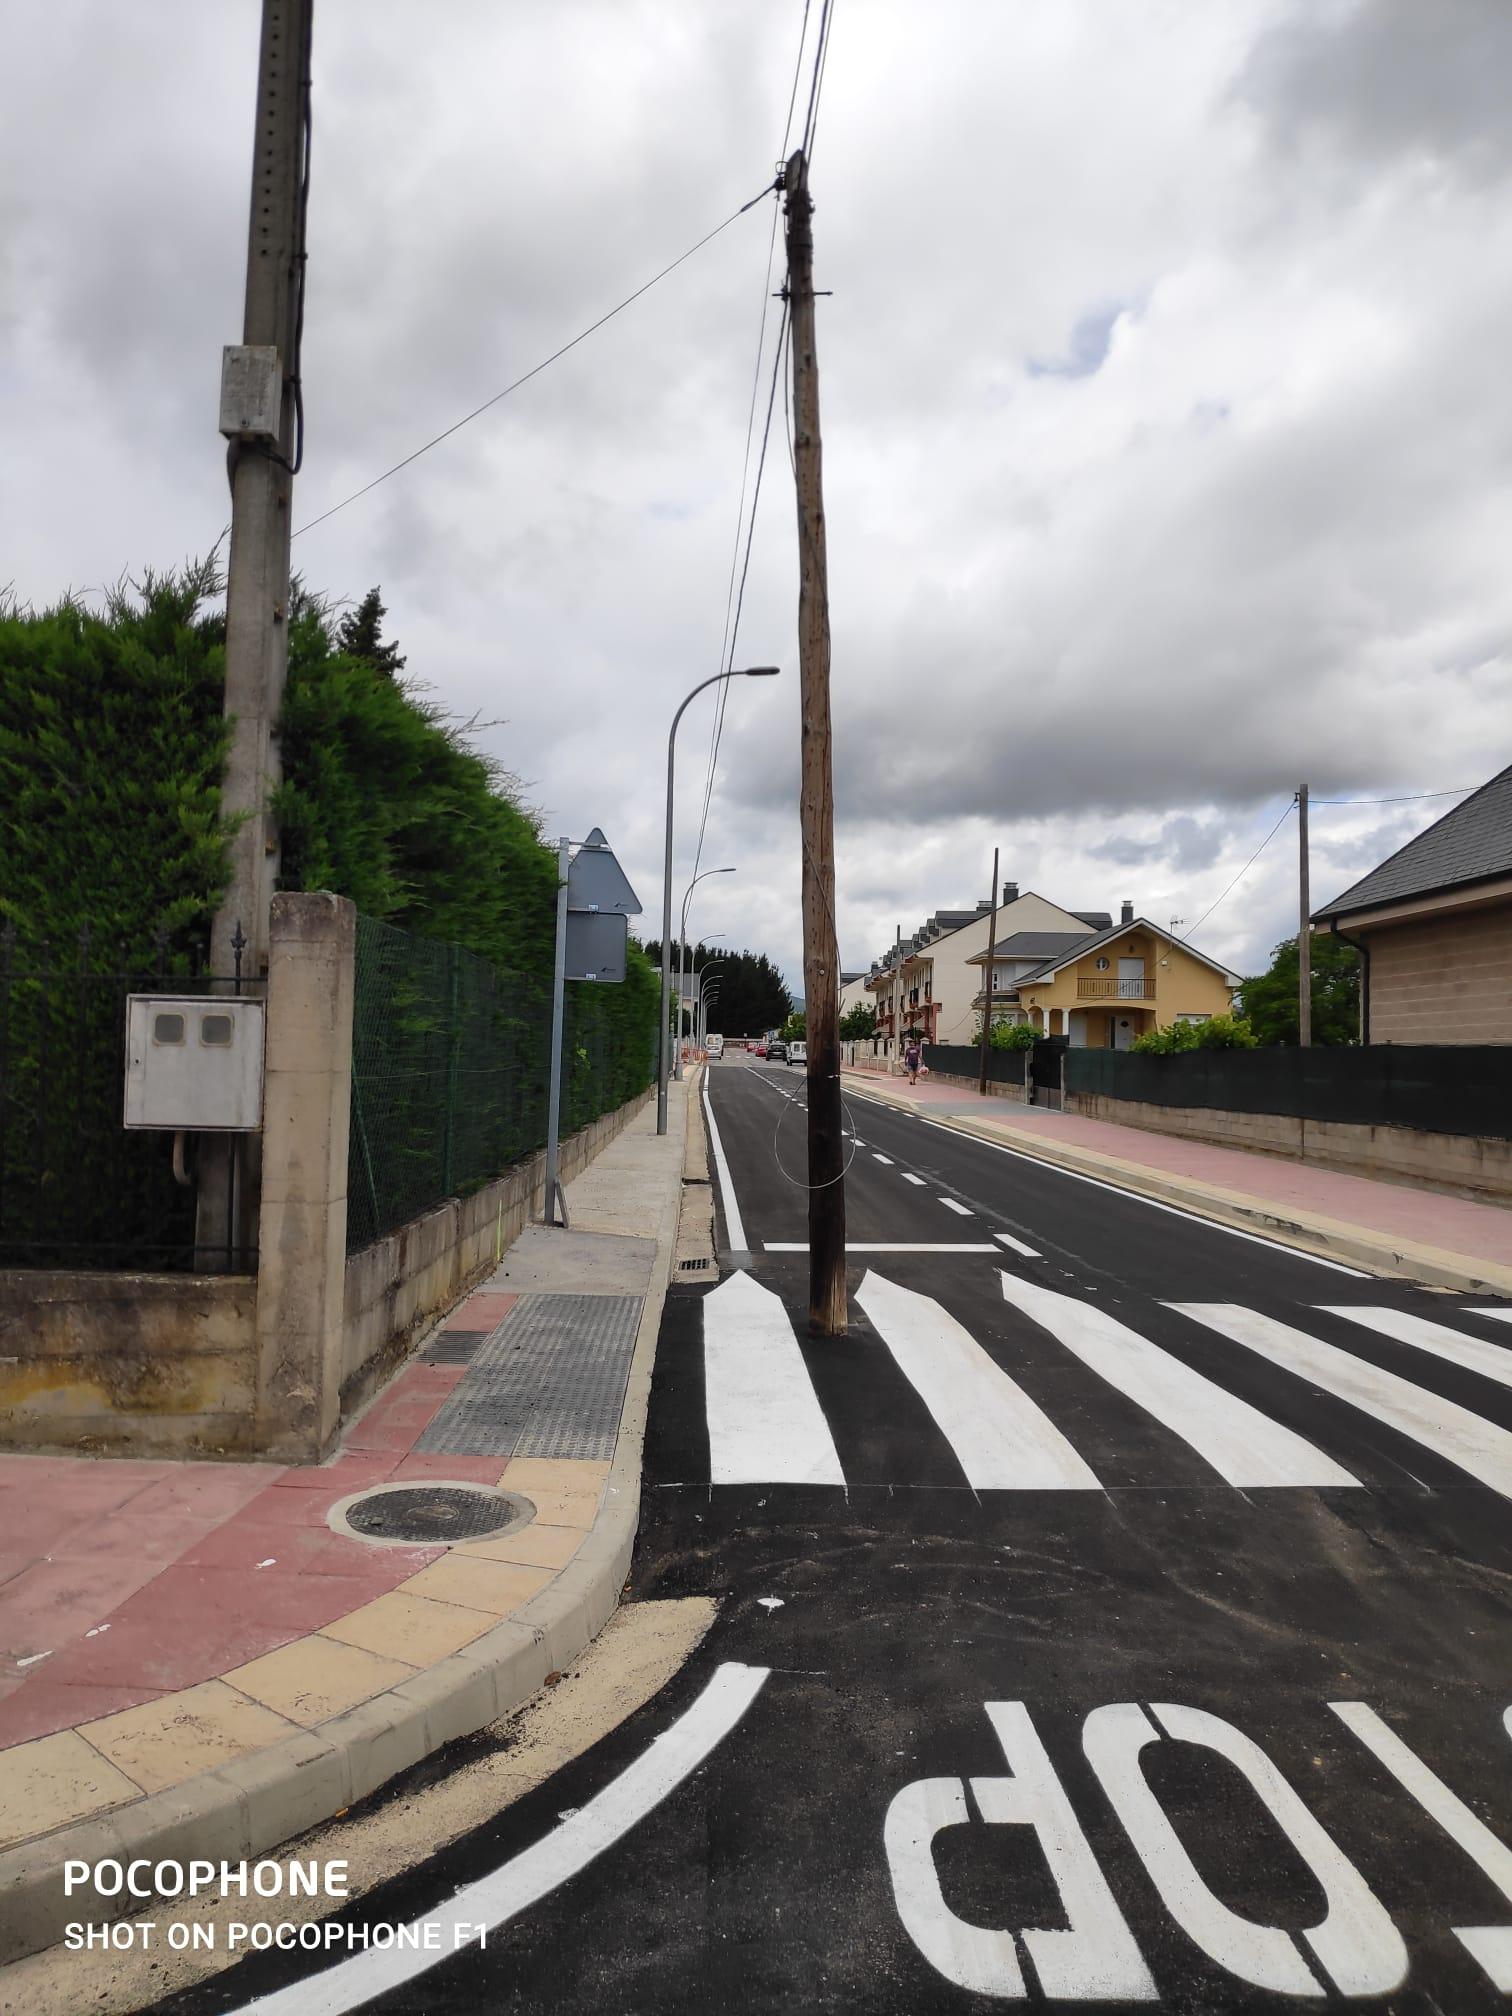 La compañía Telefónica mantiene dos postes de comunicaciones en calles urbanizadas de Cubillos del Sil sin aportar soluciones para su eliminación 3